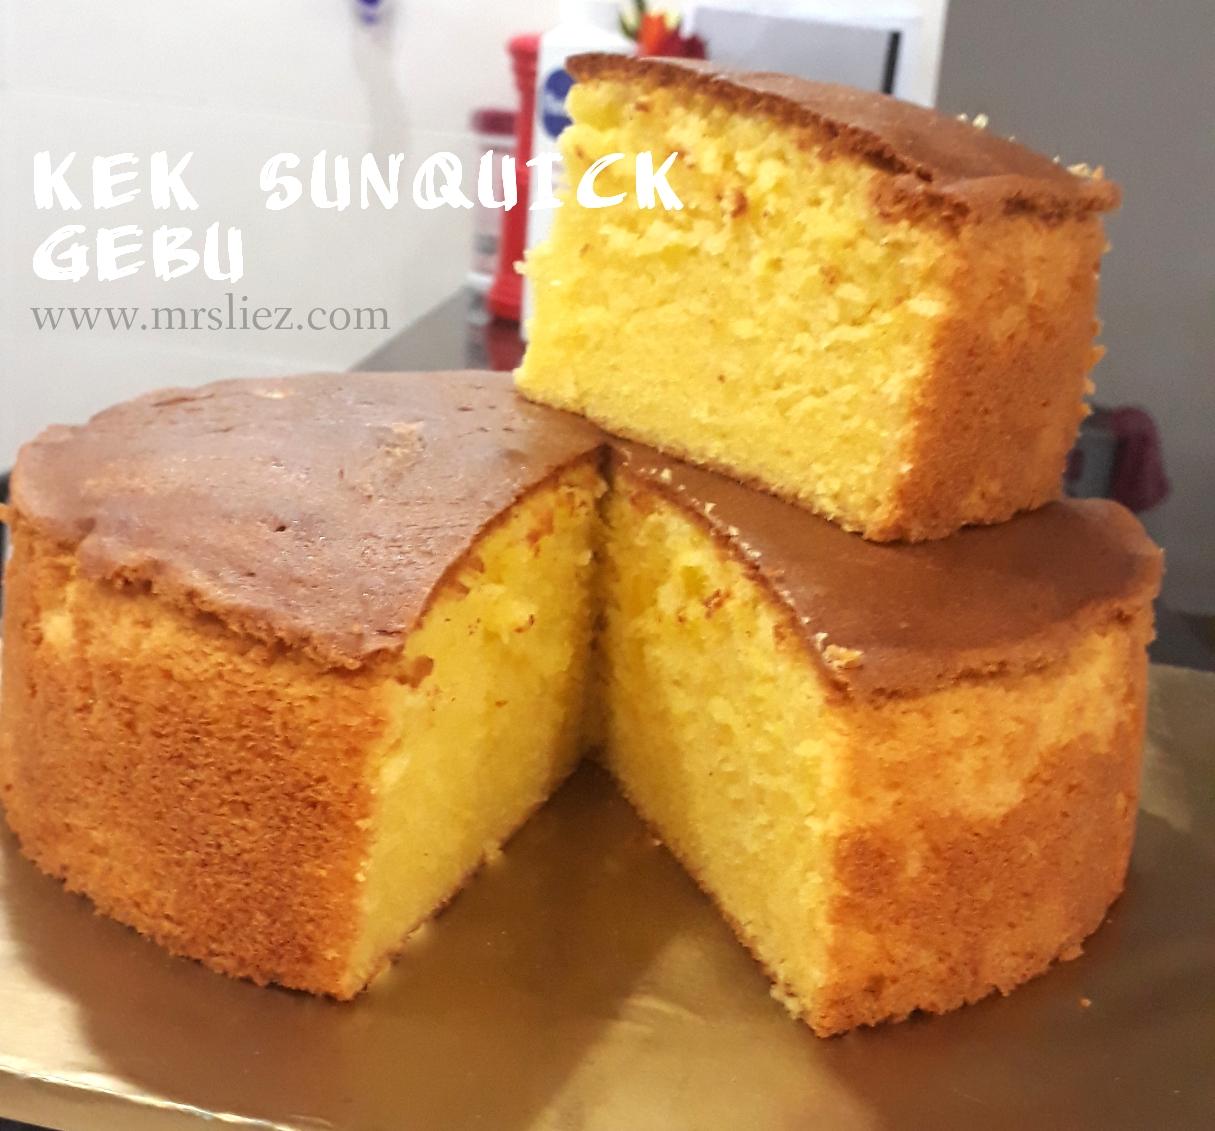 Resepi Kek Sunquick Gebu Mrs Liez Malaysian Lifestyle